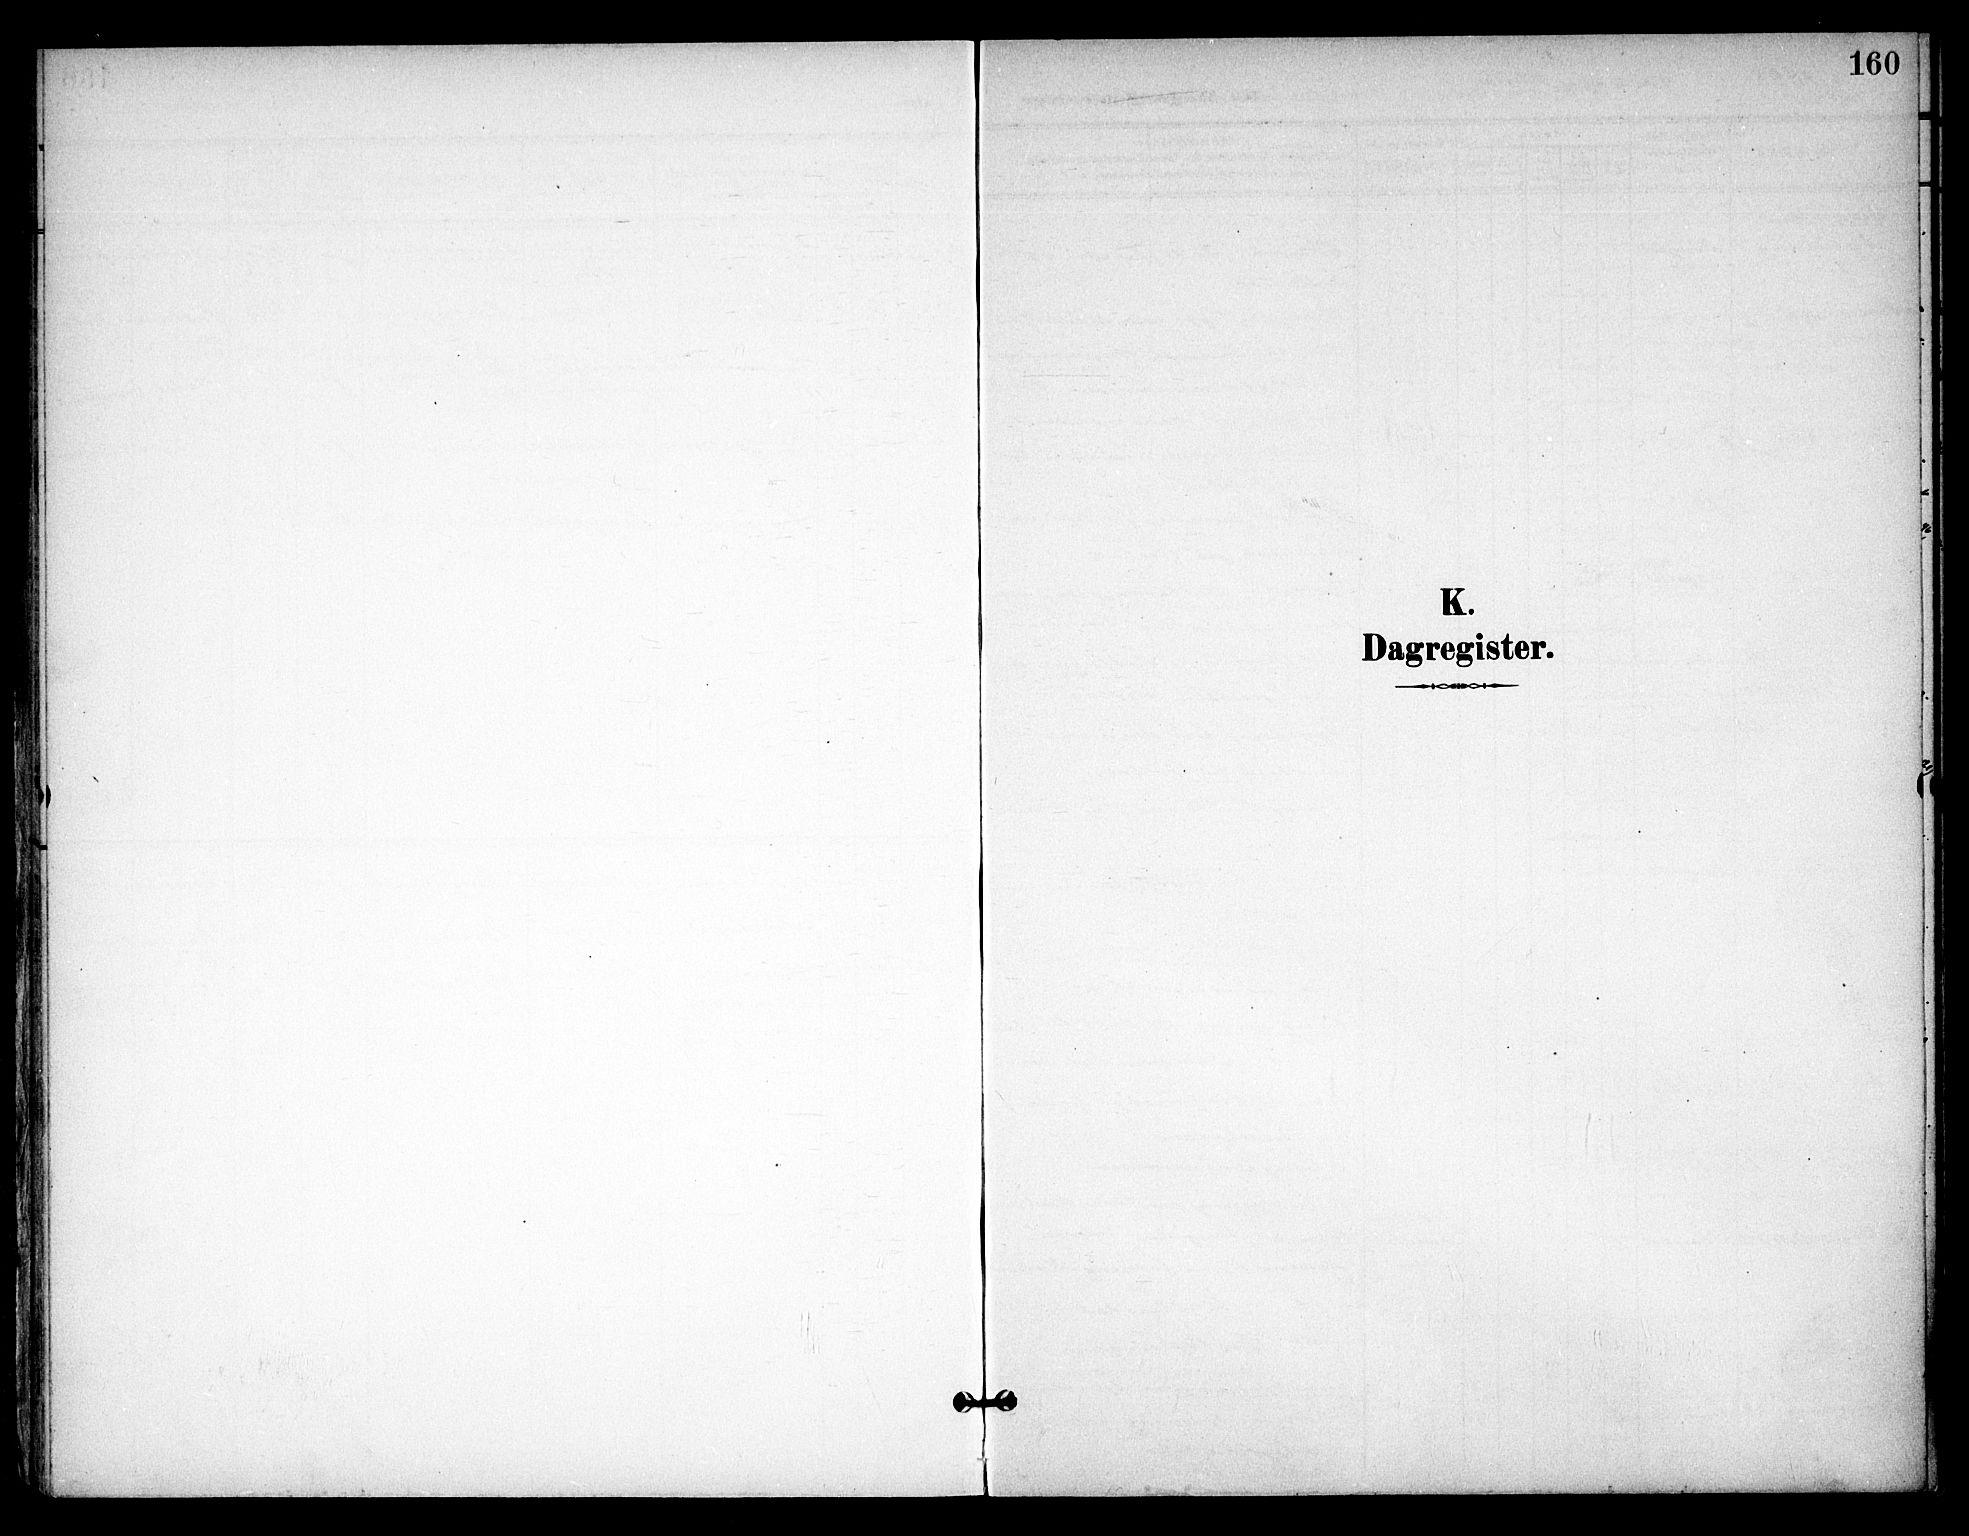 SAO, Eidsvoll prestekontor Kirkebøker, F/Fb/L0003: Ministerialbok nr. II 3, 1898-1909, s. 160